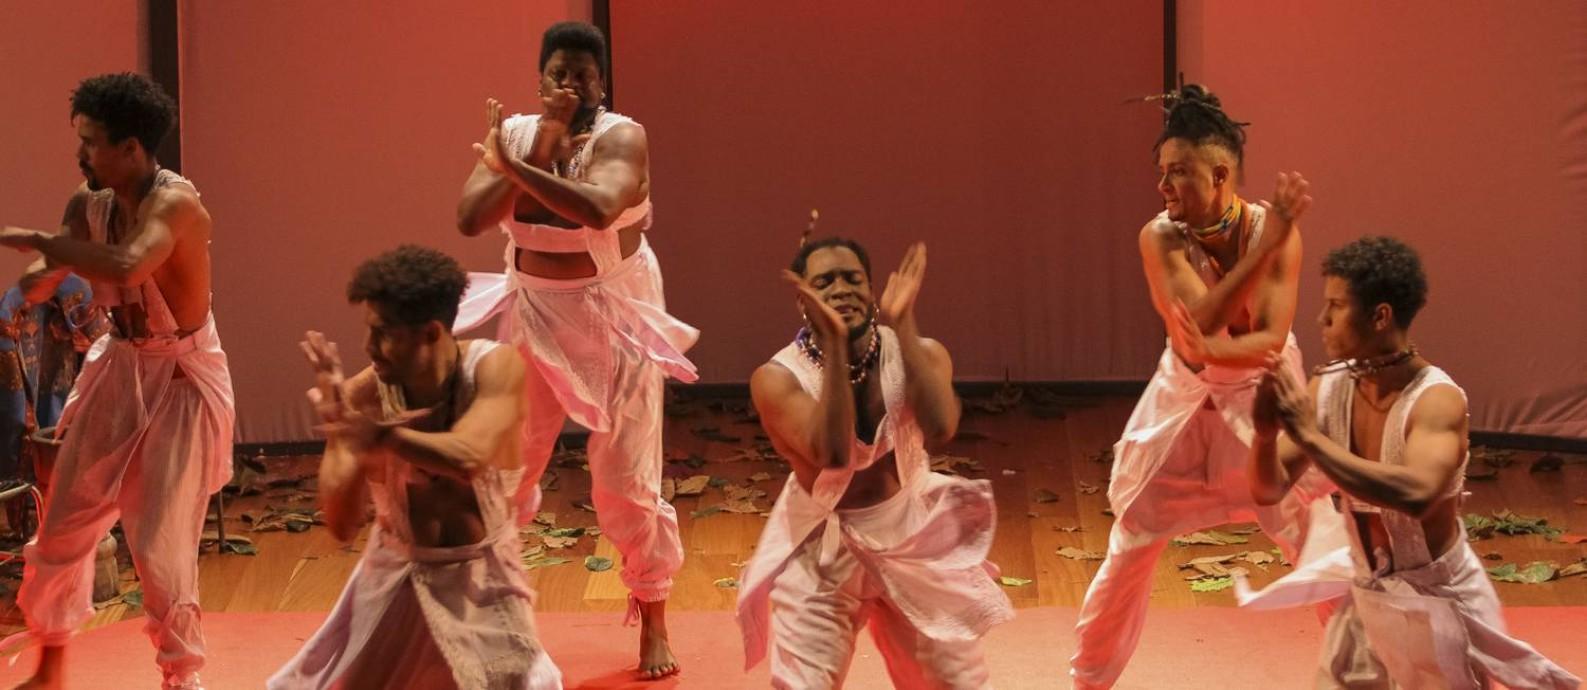 Cena da peça 'Oboró — Masculinidades negras' Foto: Julio Ricardo / Divulgação